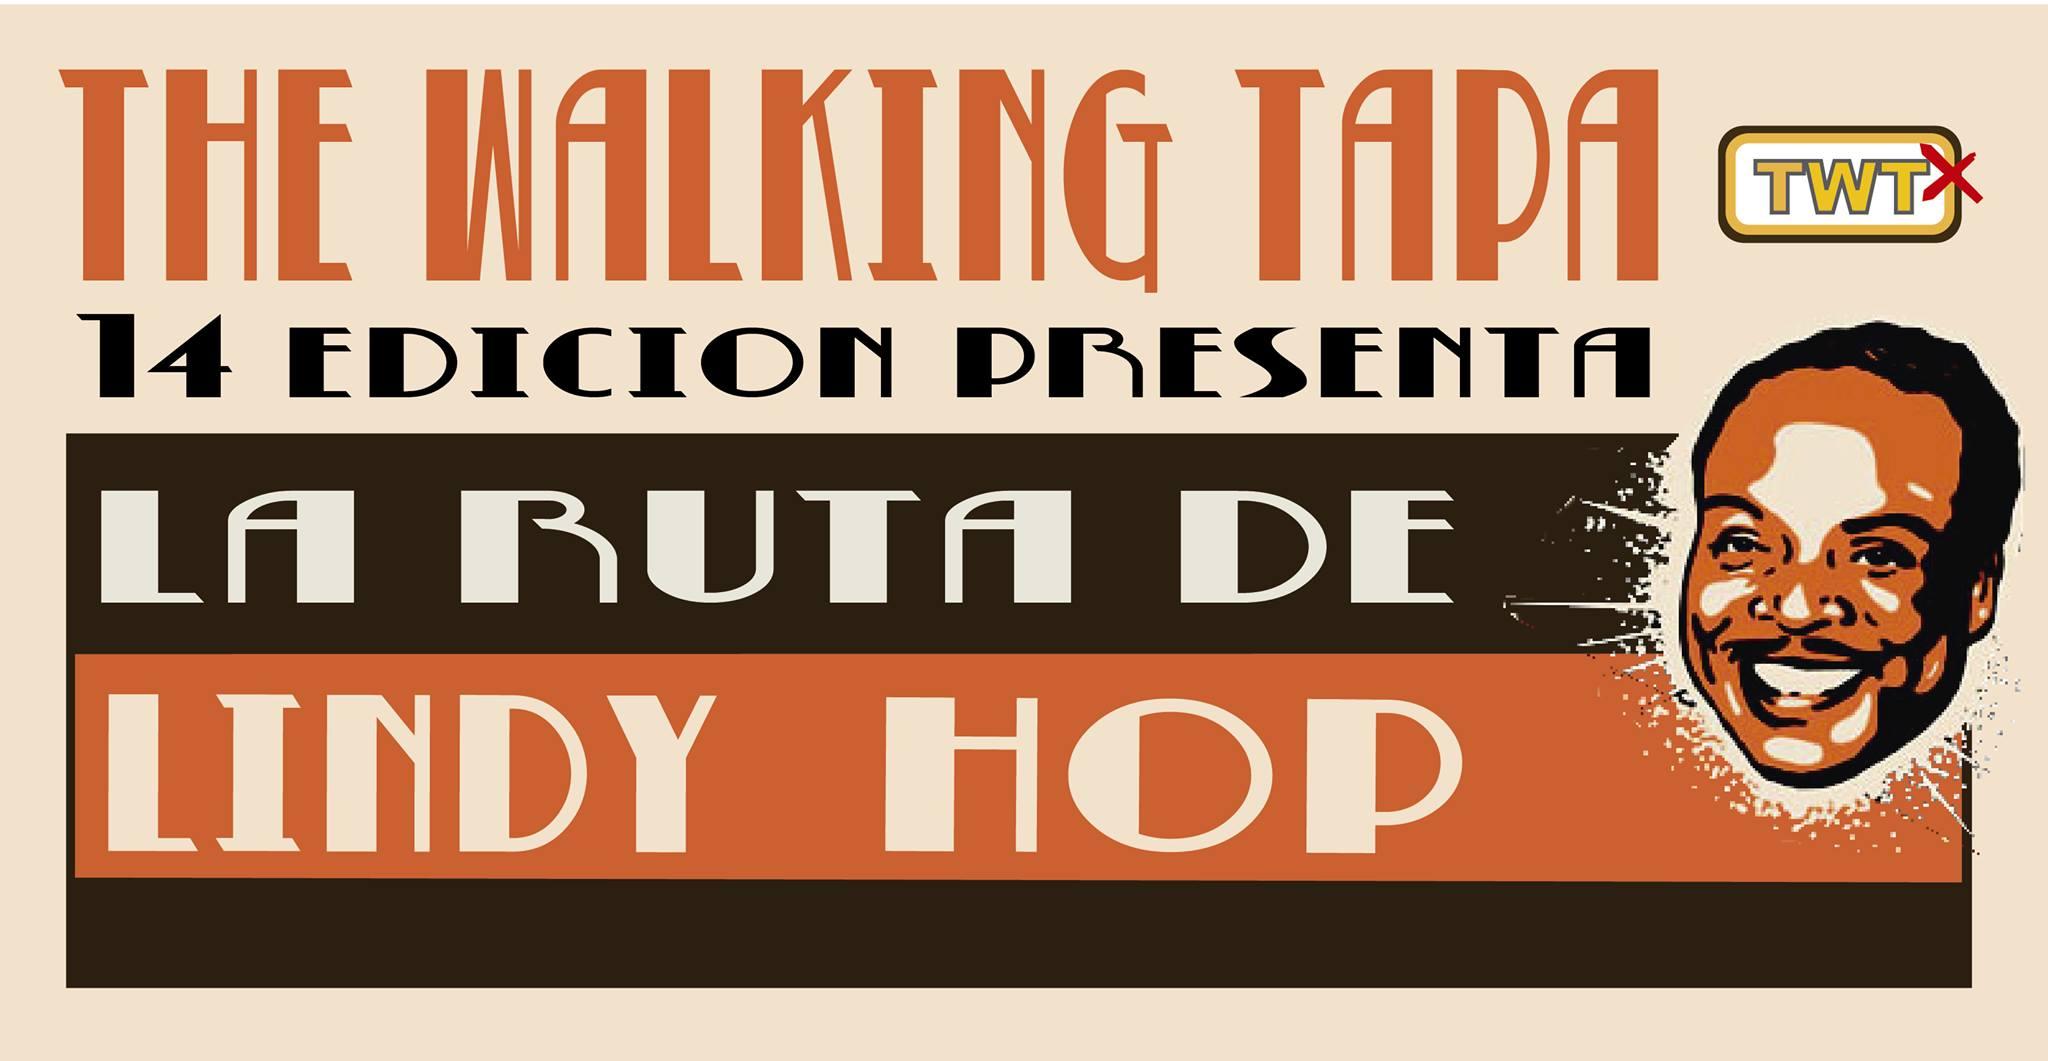 The Walking Tapa 14